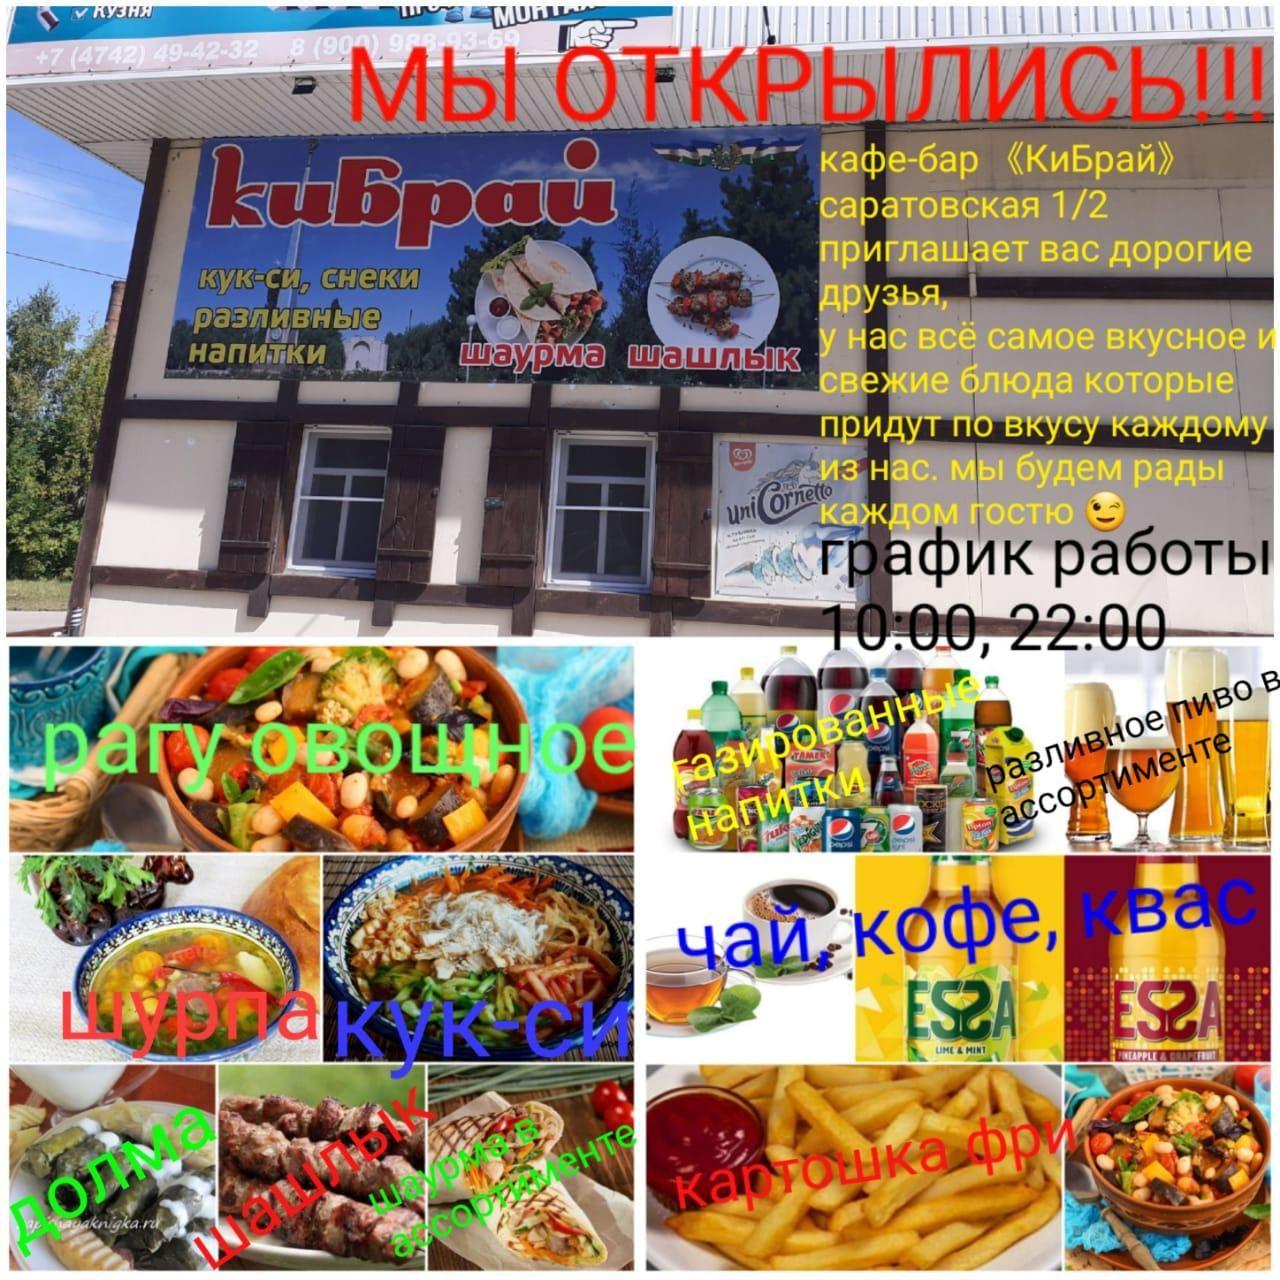 Чернышевой, ресторанно-гостиничный комплекс - №1